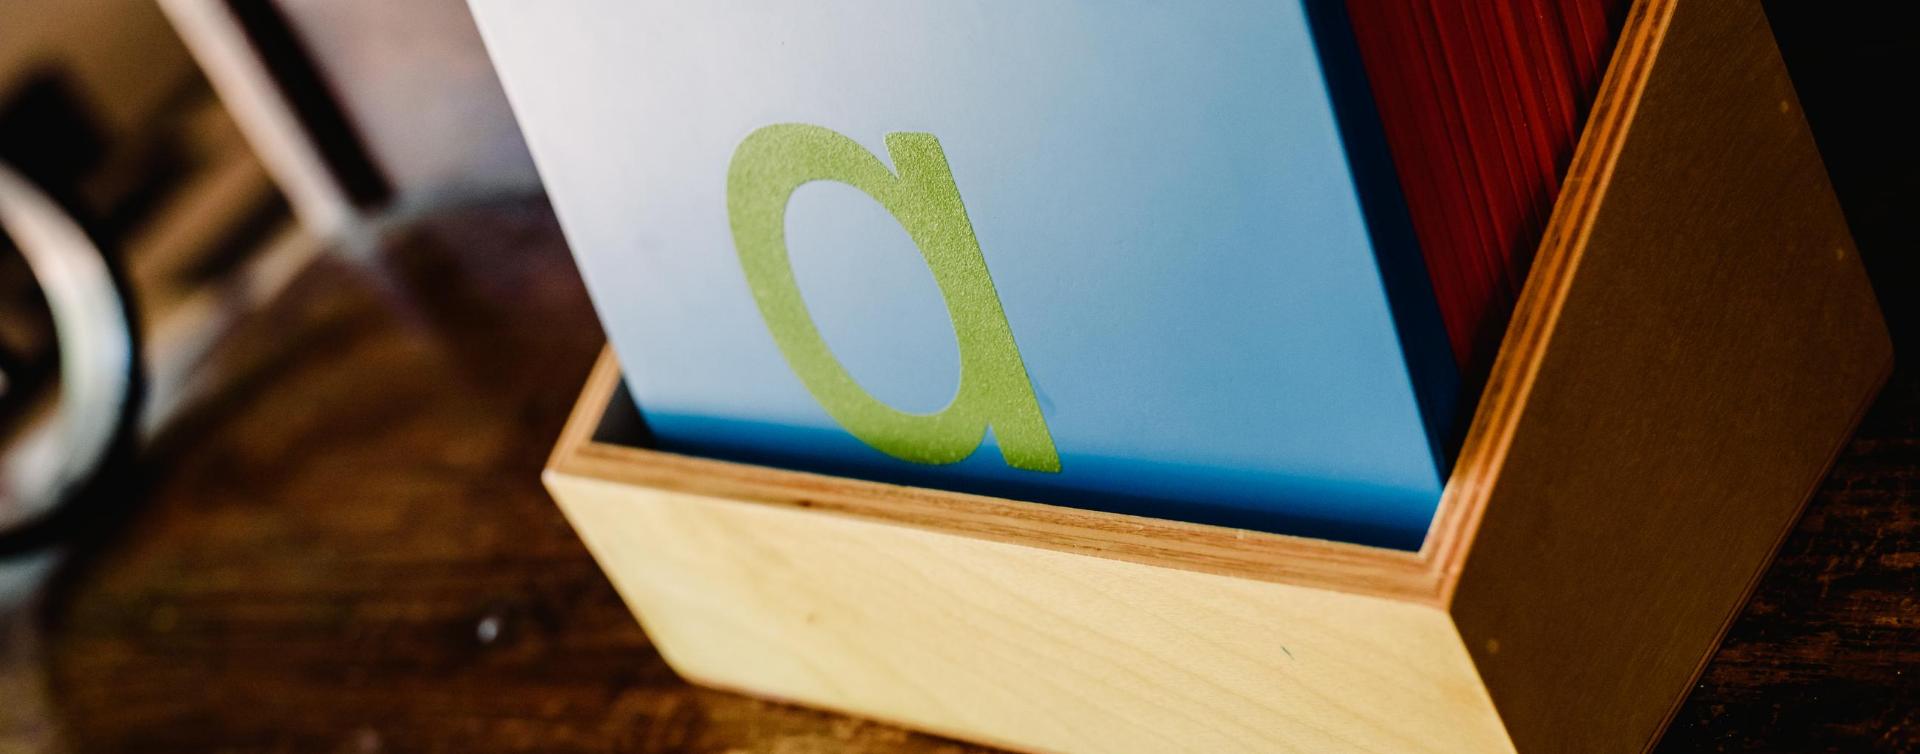 Material Spotlight – The Sandpaper Letters